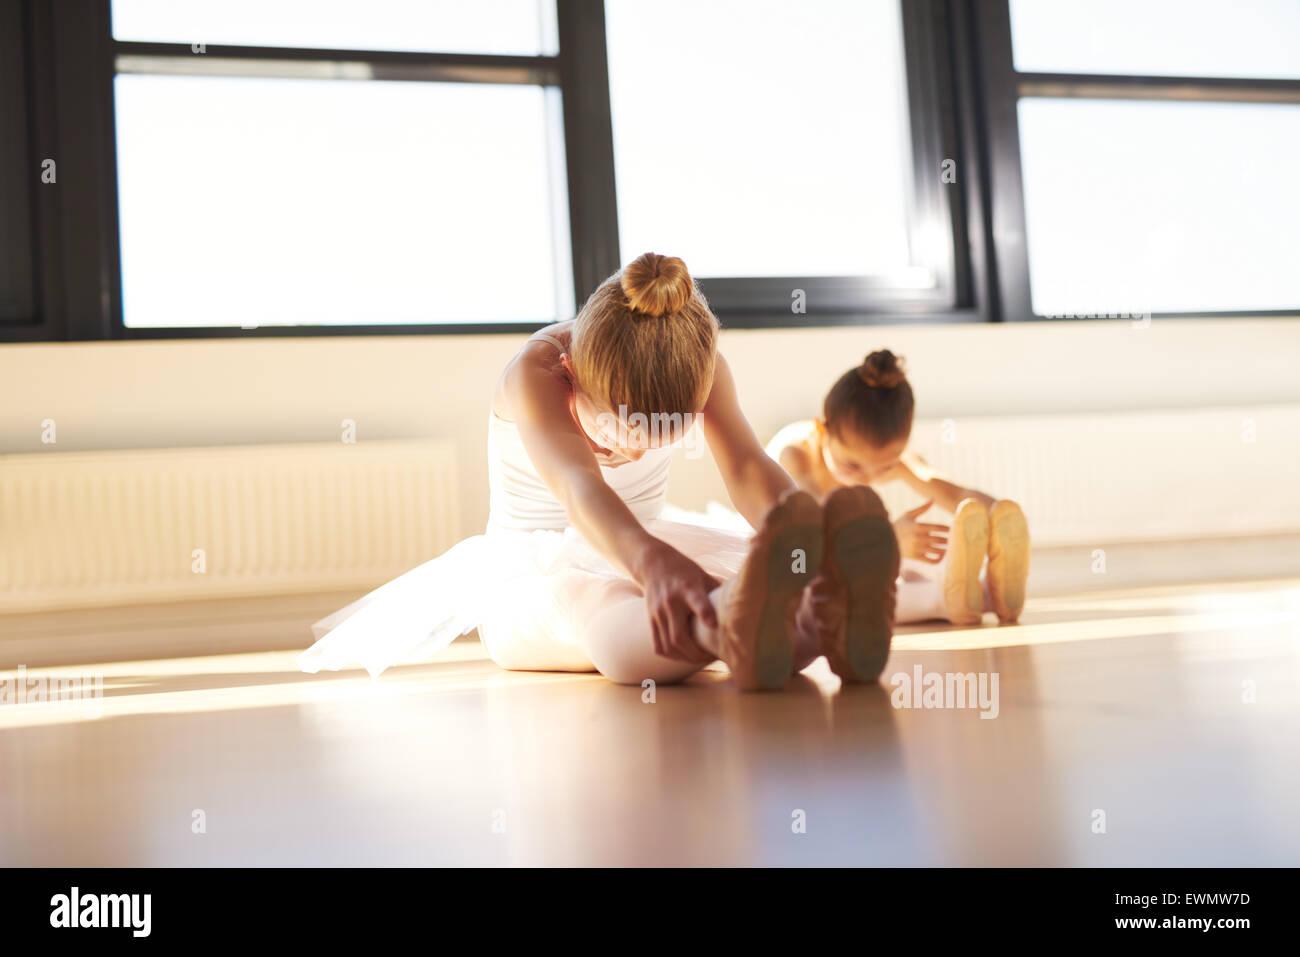 Zwei junge Ballerinas, eine Übung, besonders für Ihre Beine, im Studio vor der eigentlichen Tanz einstudieren. Stockbild